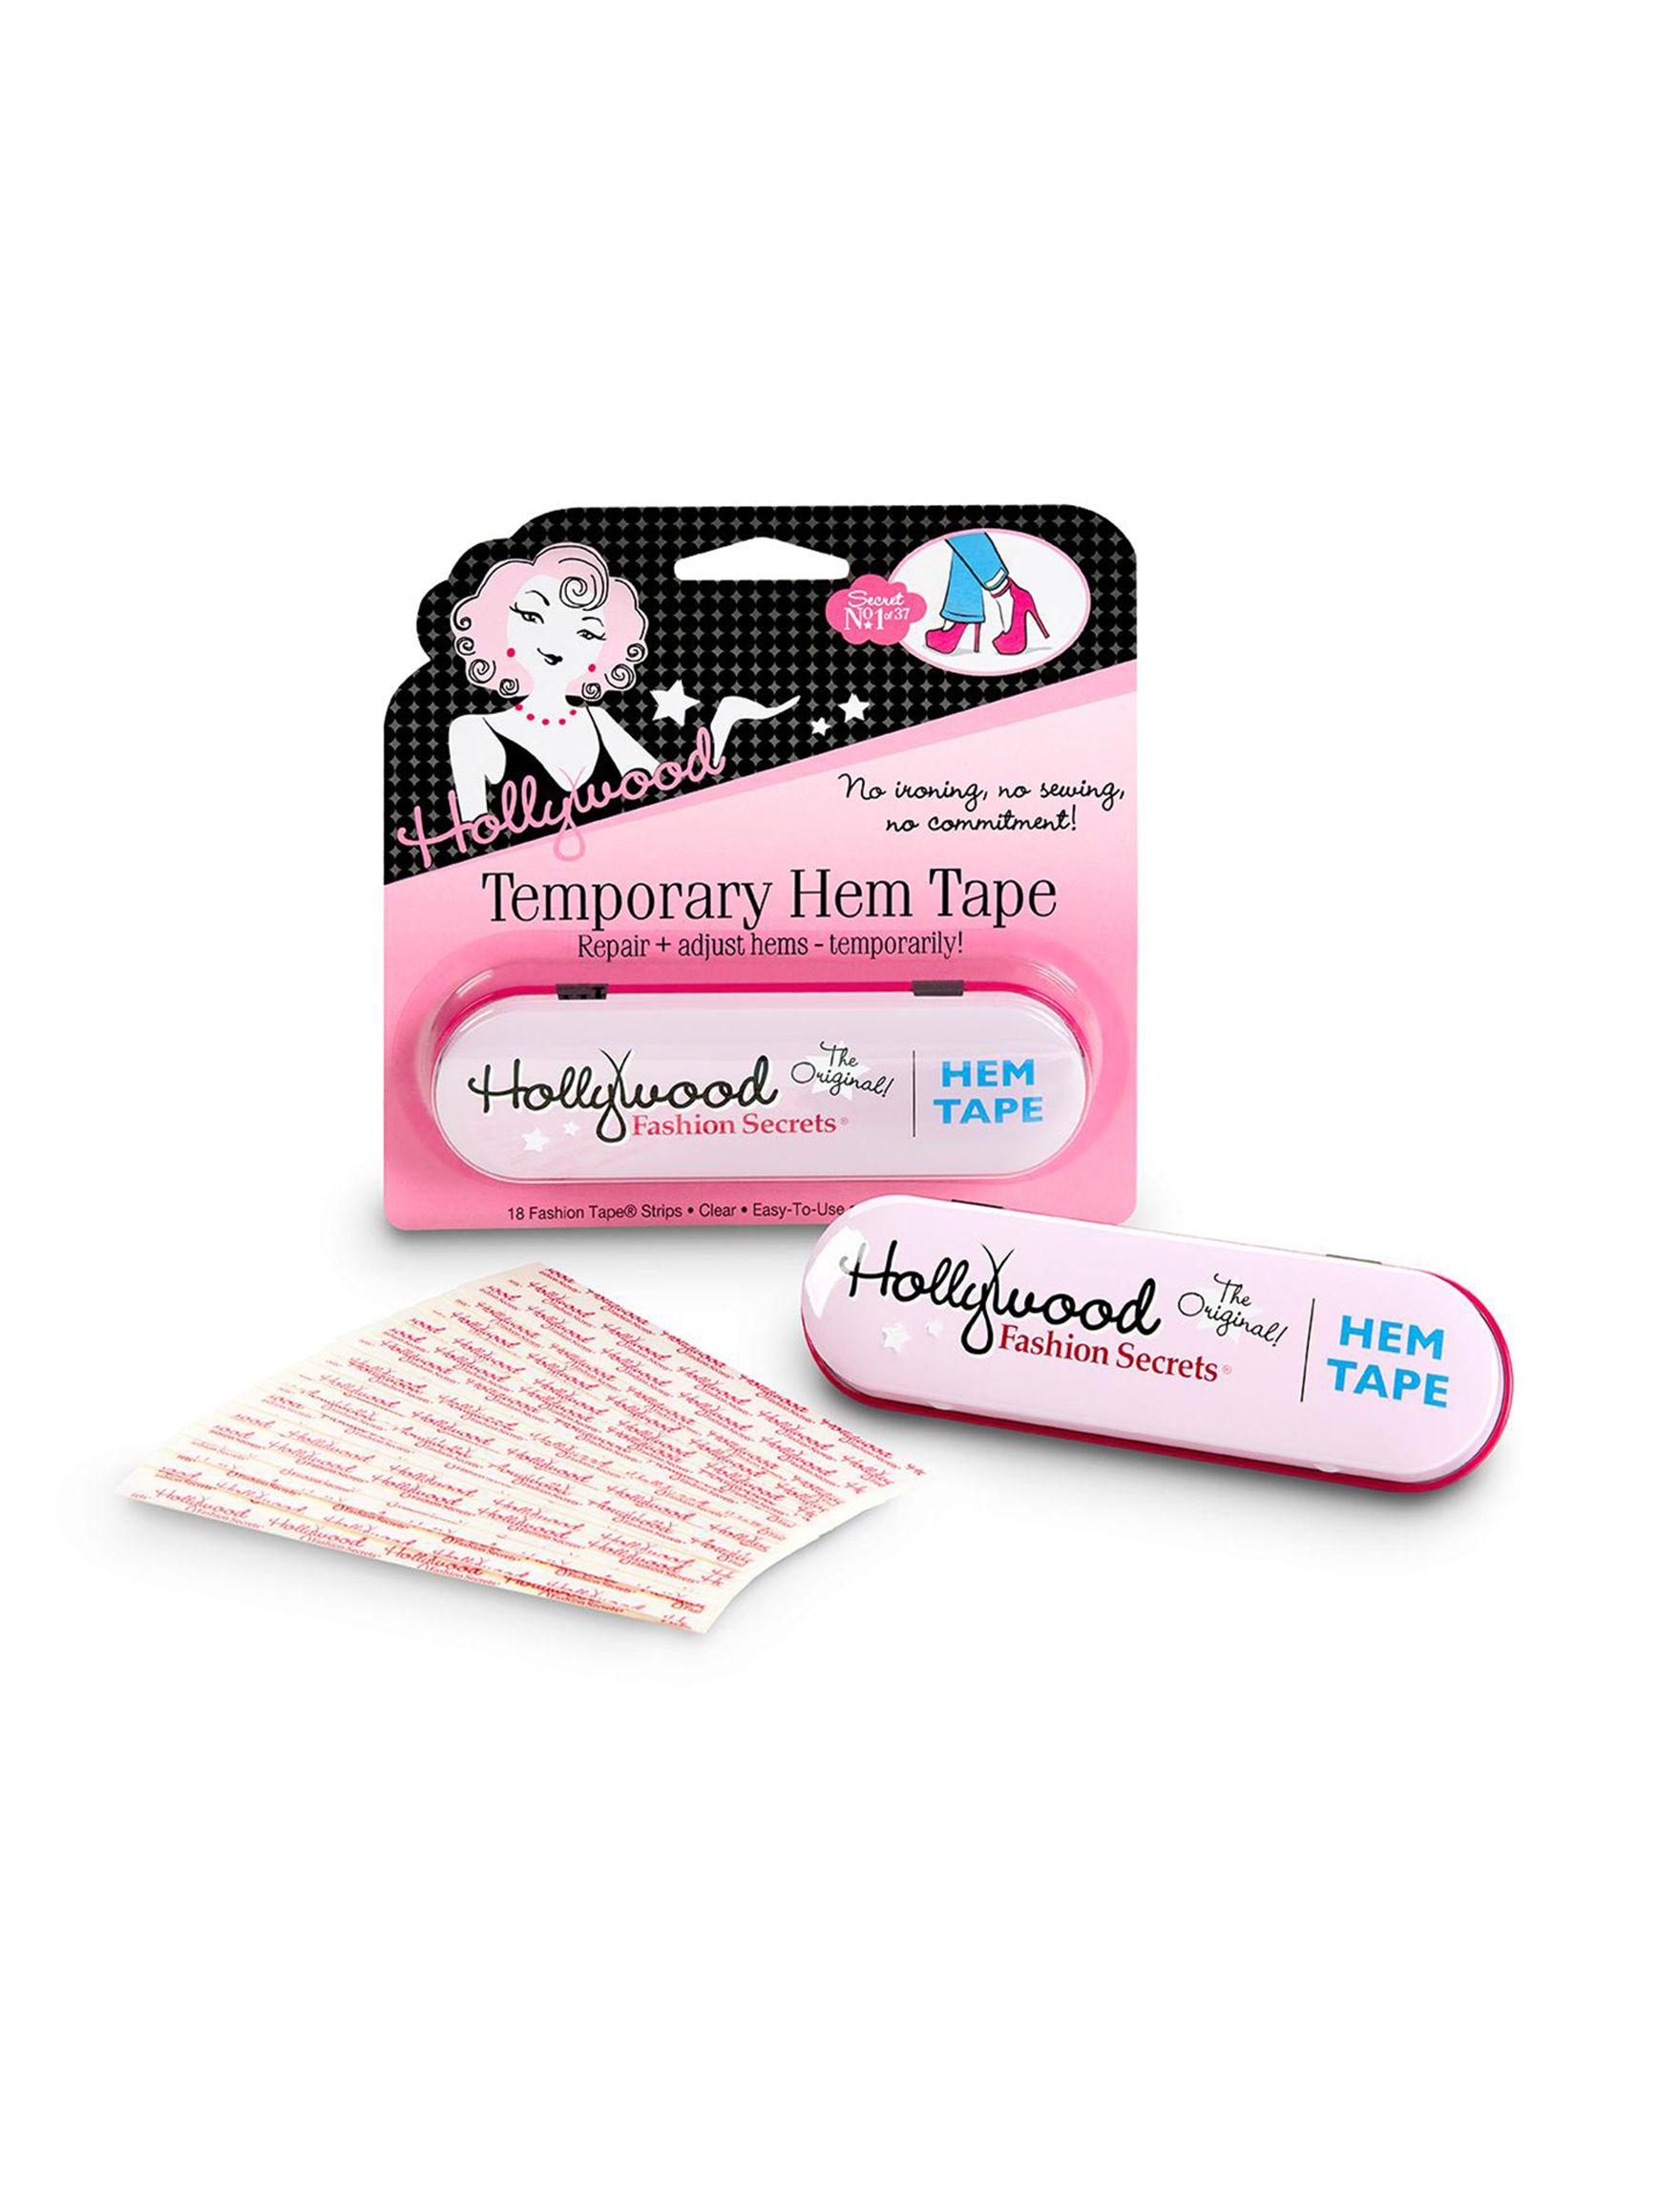 Hollywood Fashion Secrets  Bath & Body Accessories